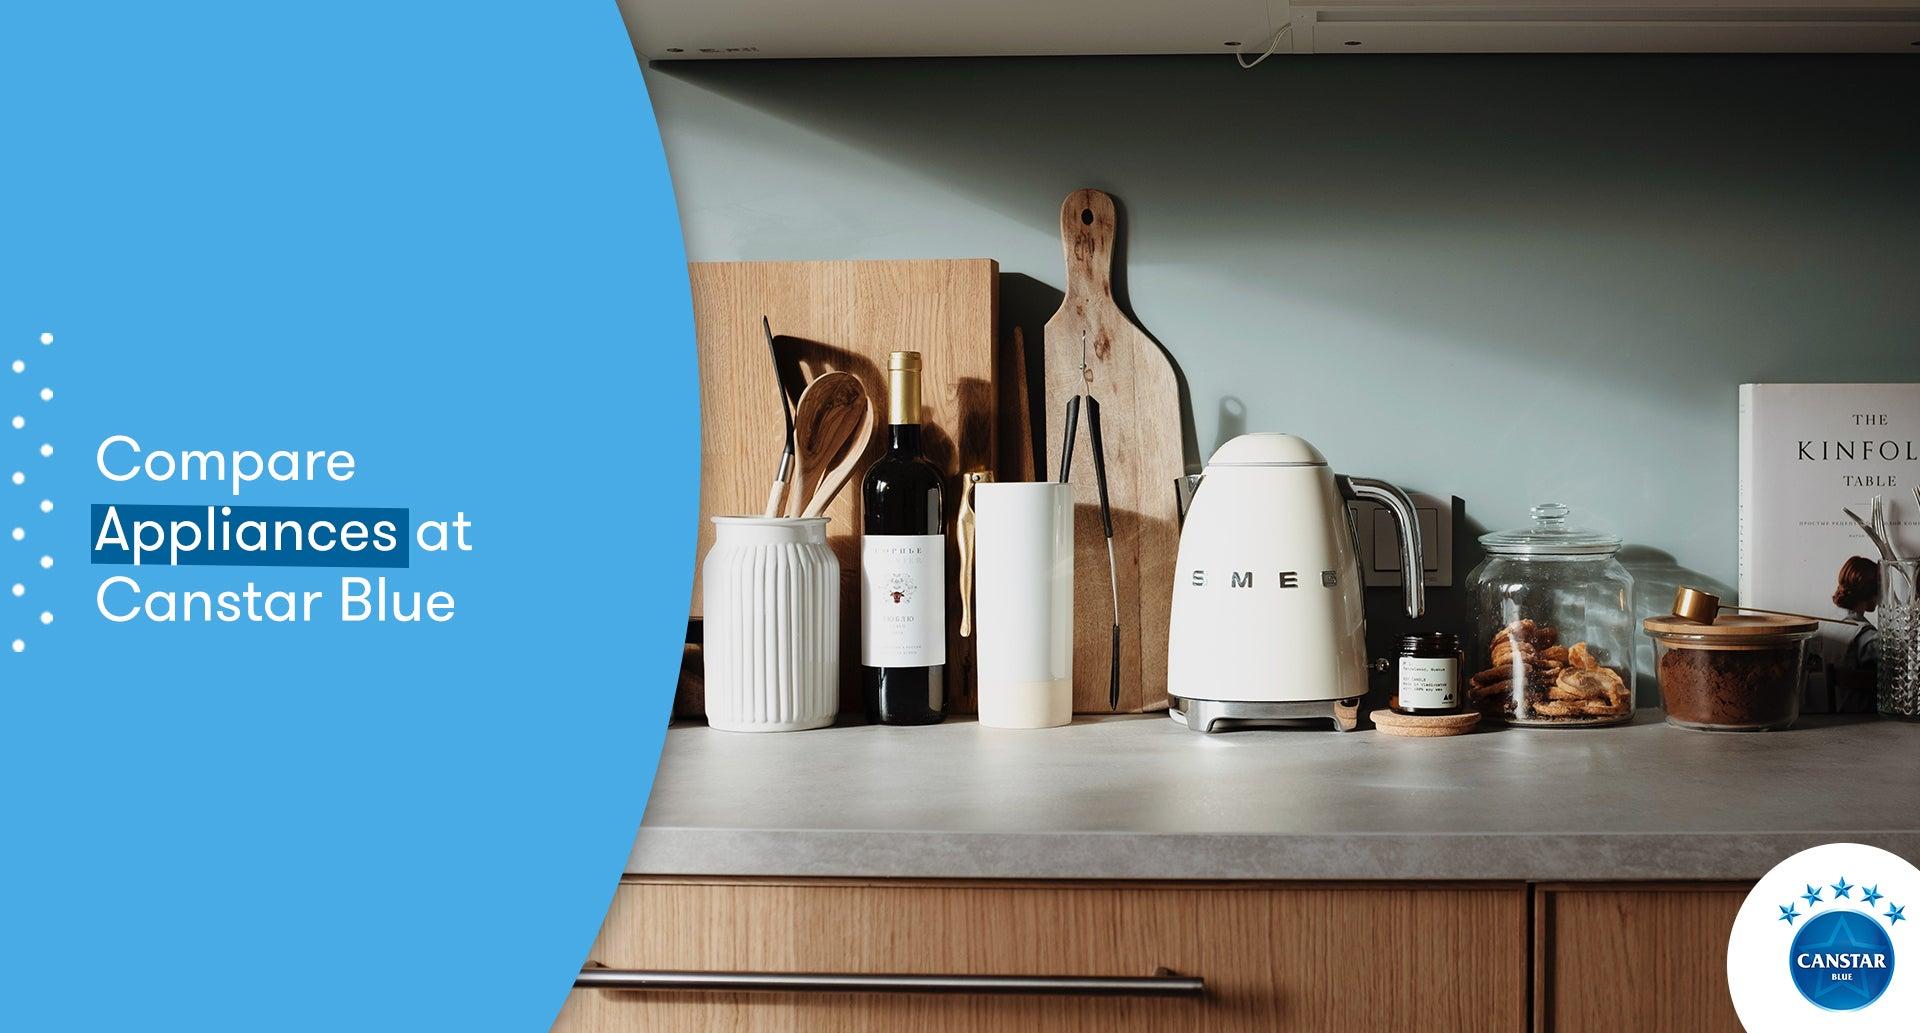 Appliances Fridges Dishwashers Clothes Dryers More Canstar Blue